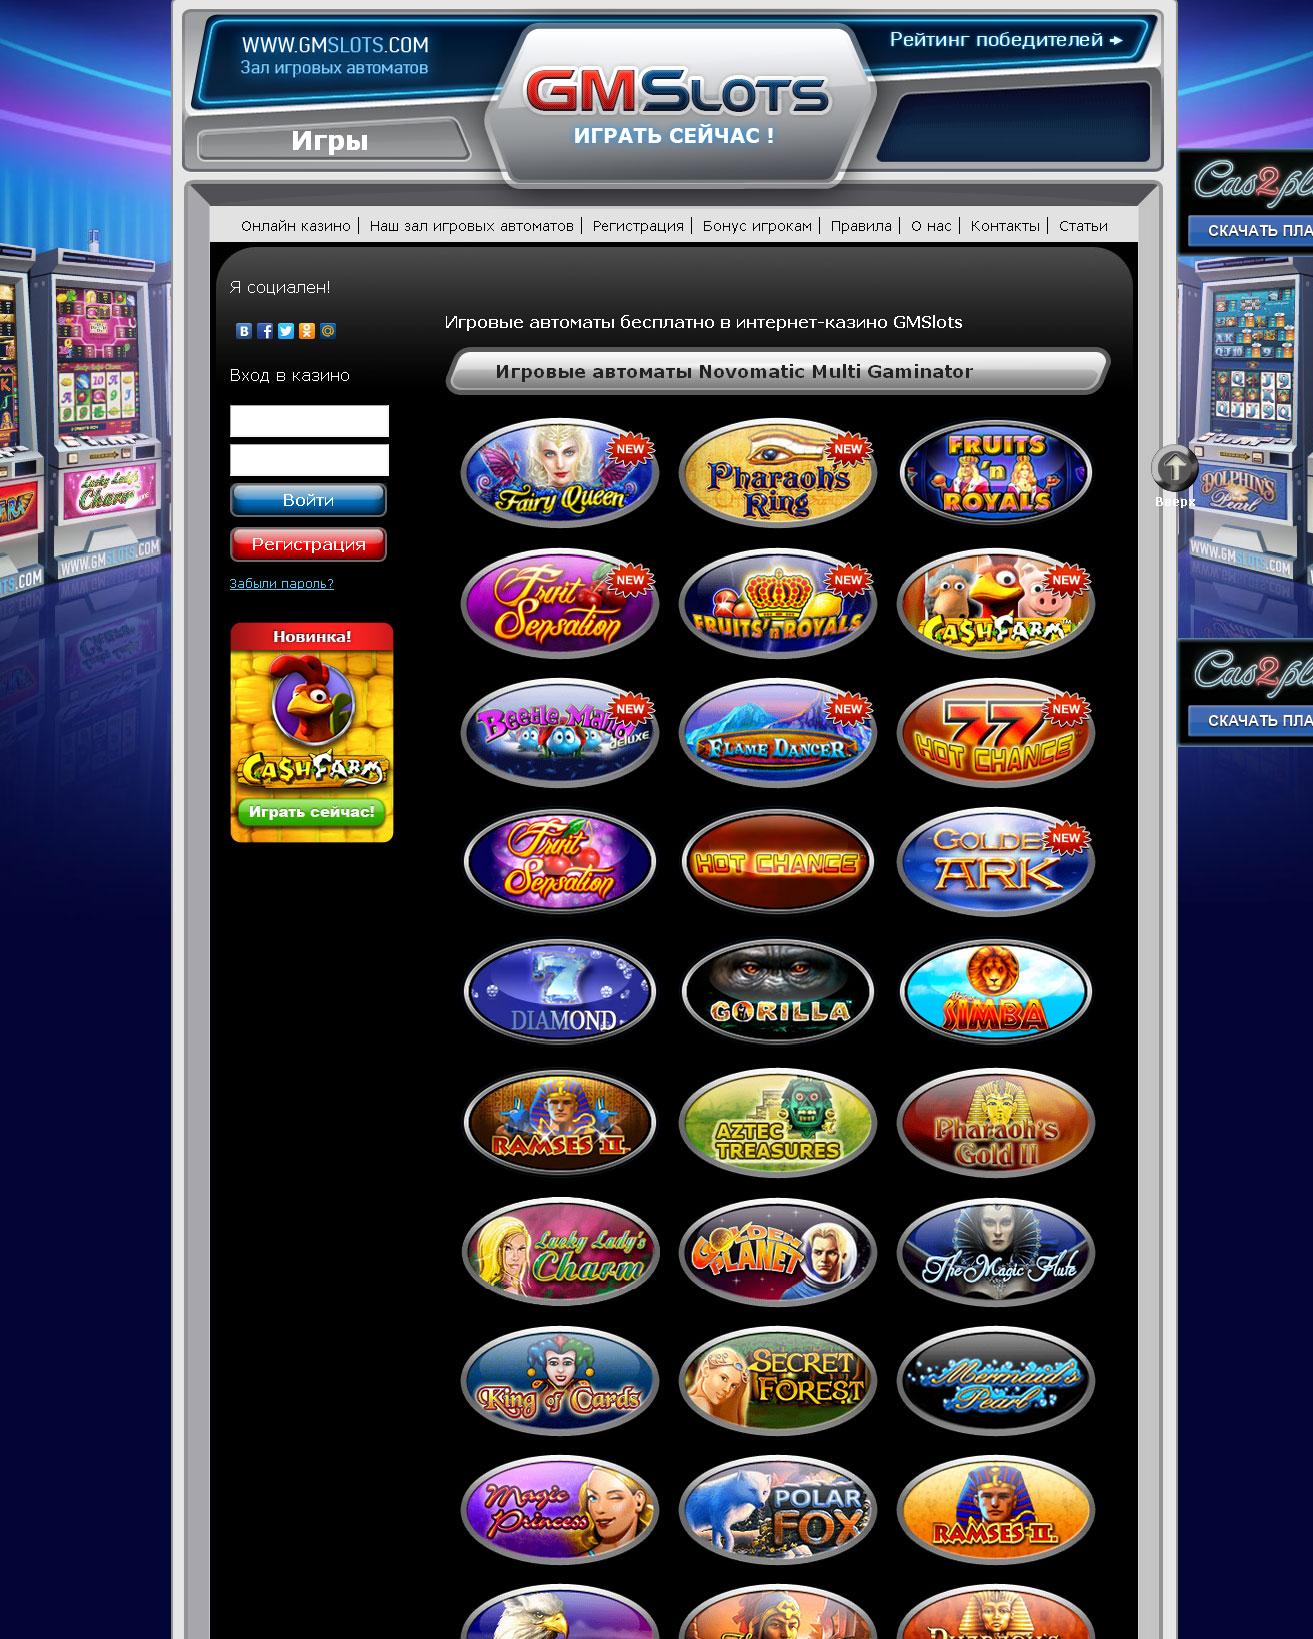 ГаминаторСлотс это онлайн казино в интернете